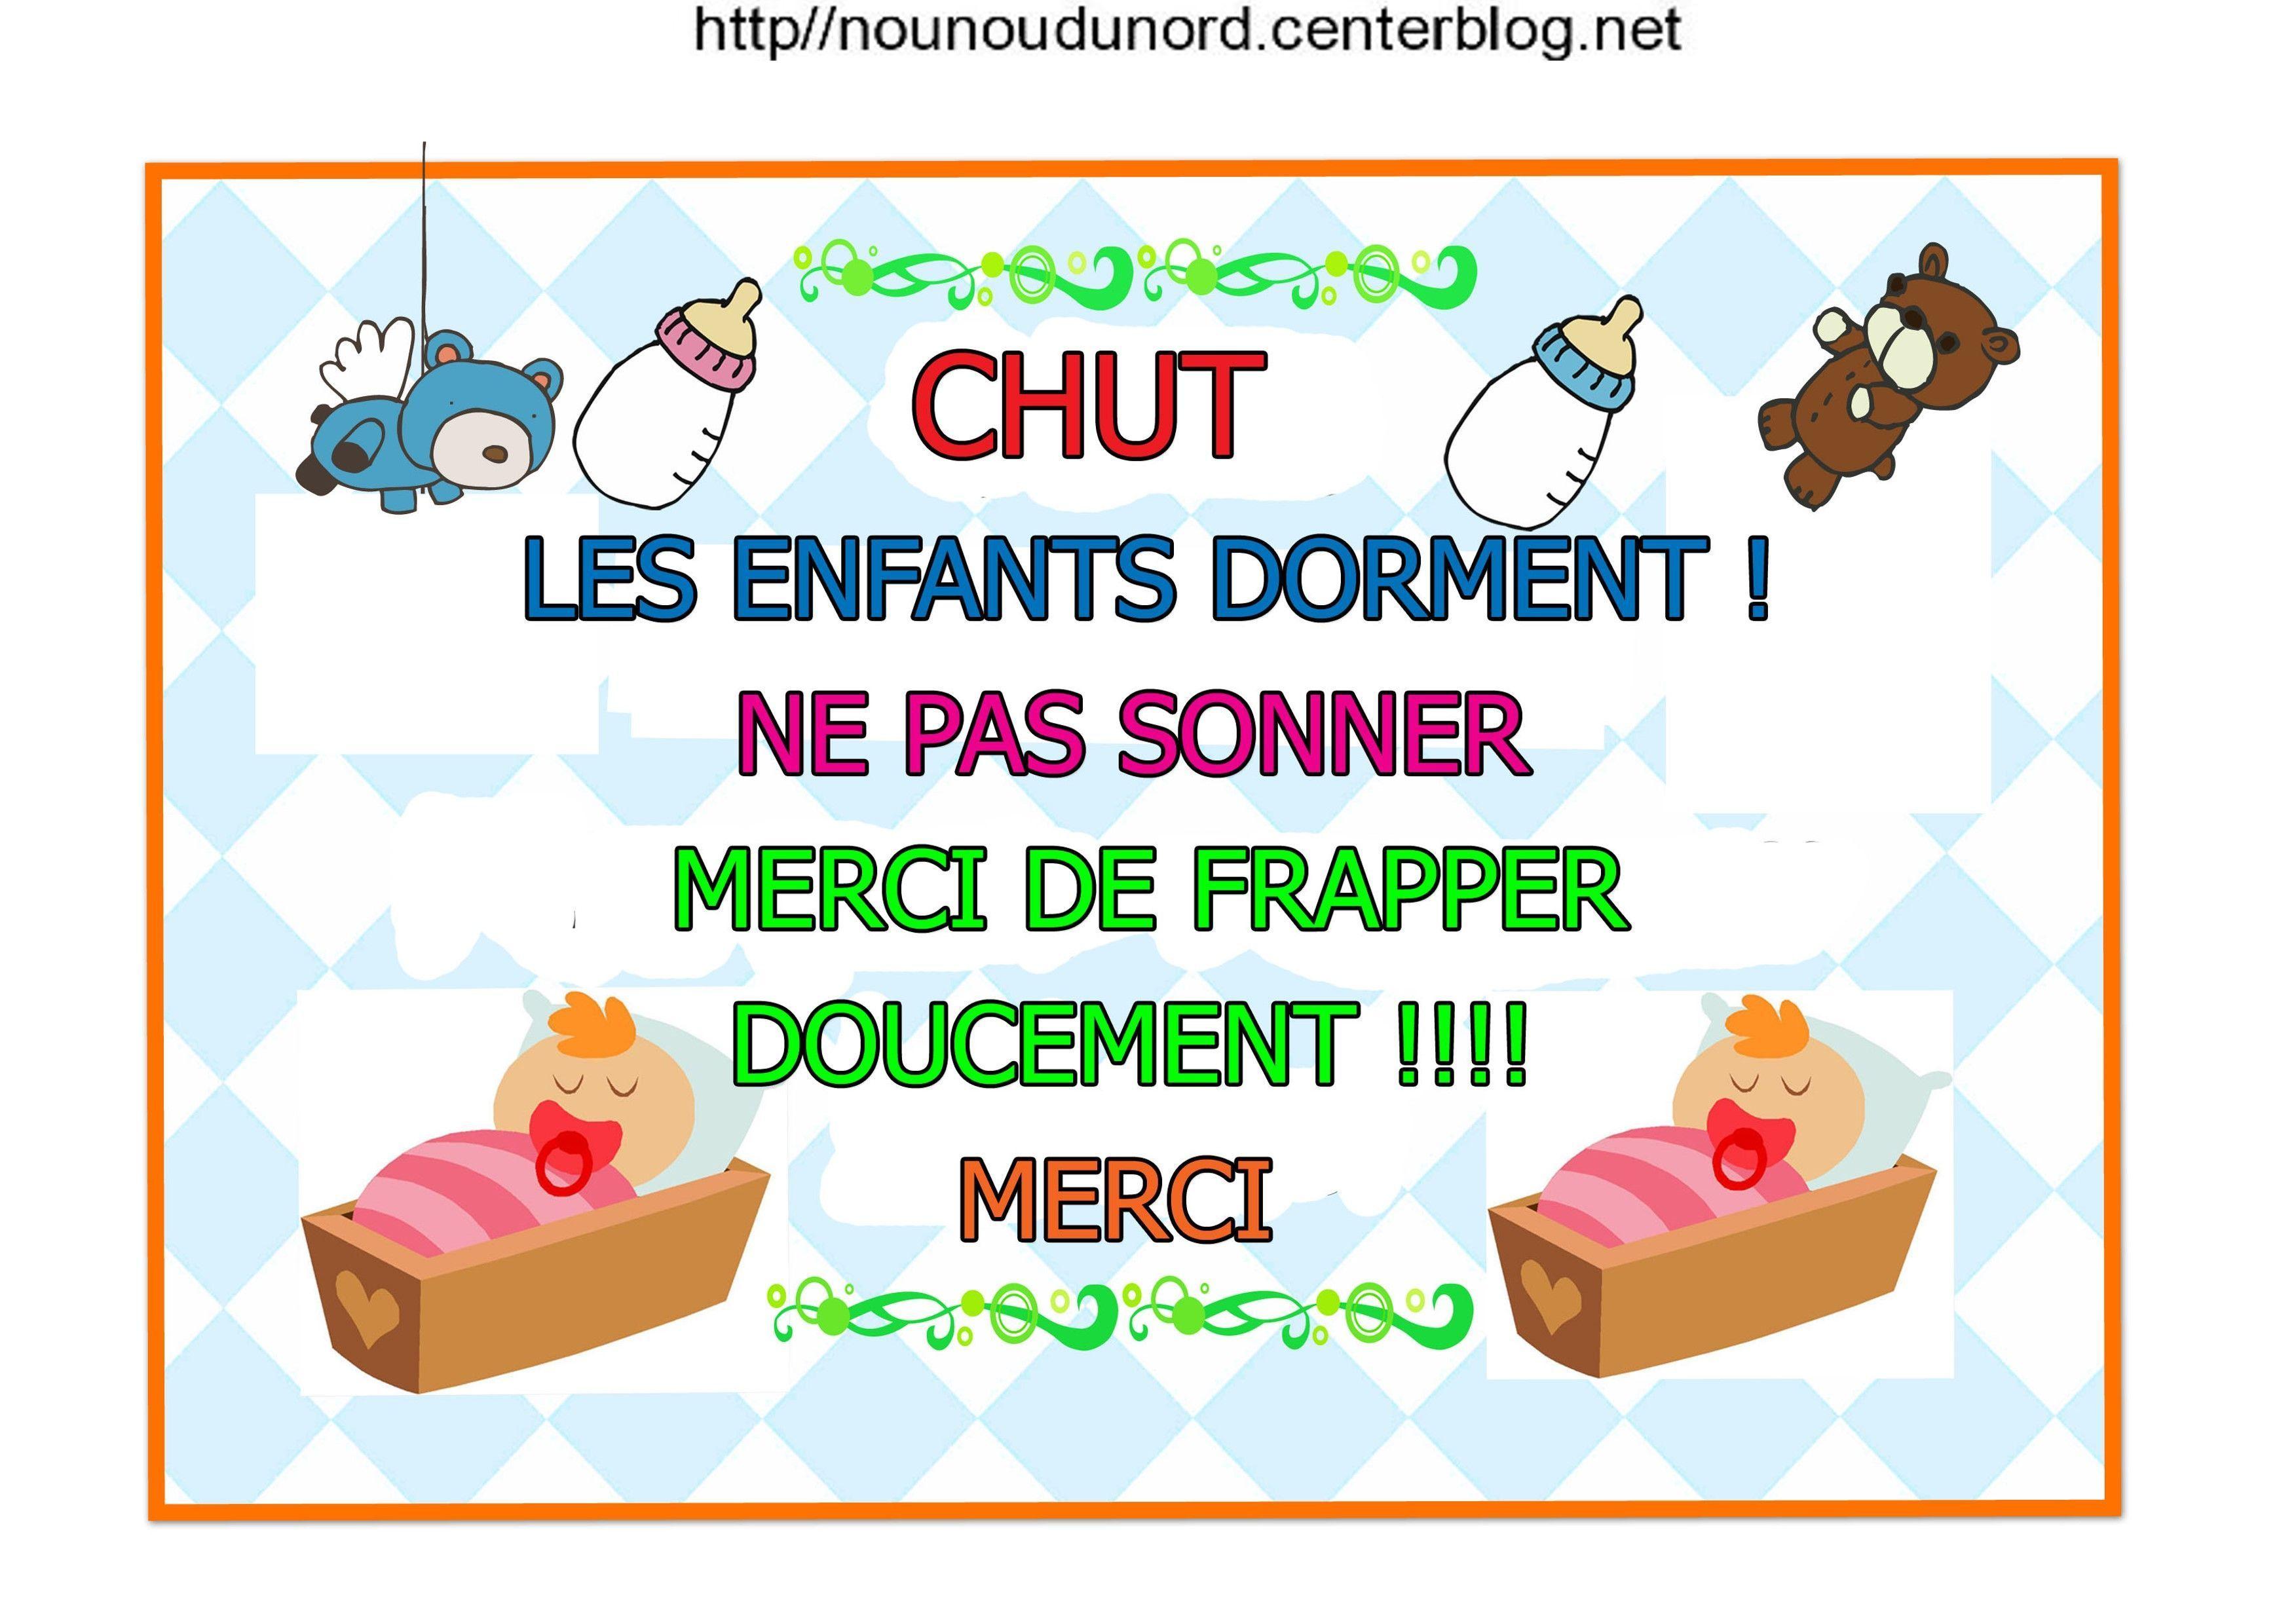 Affiche Bébé Dort Frapper Doucement à Image Chut Bébé Dort